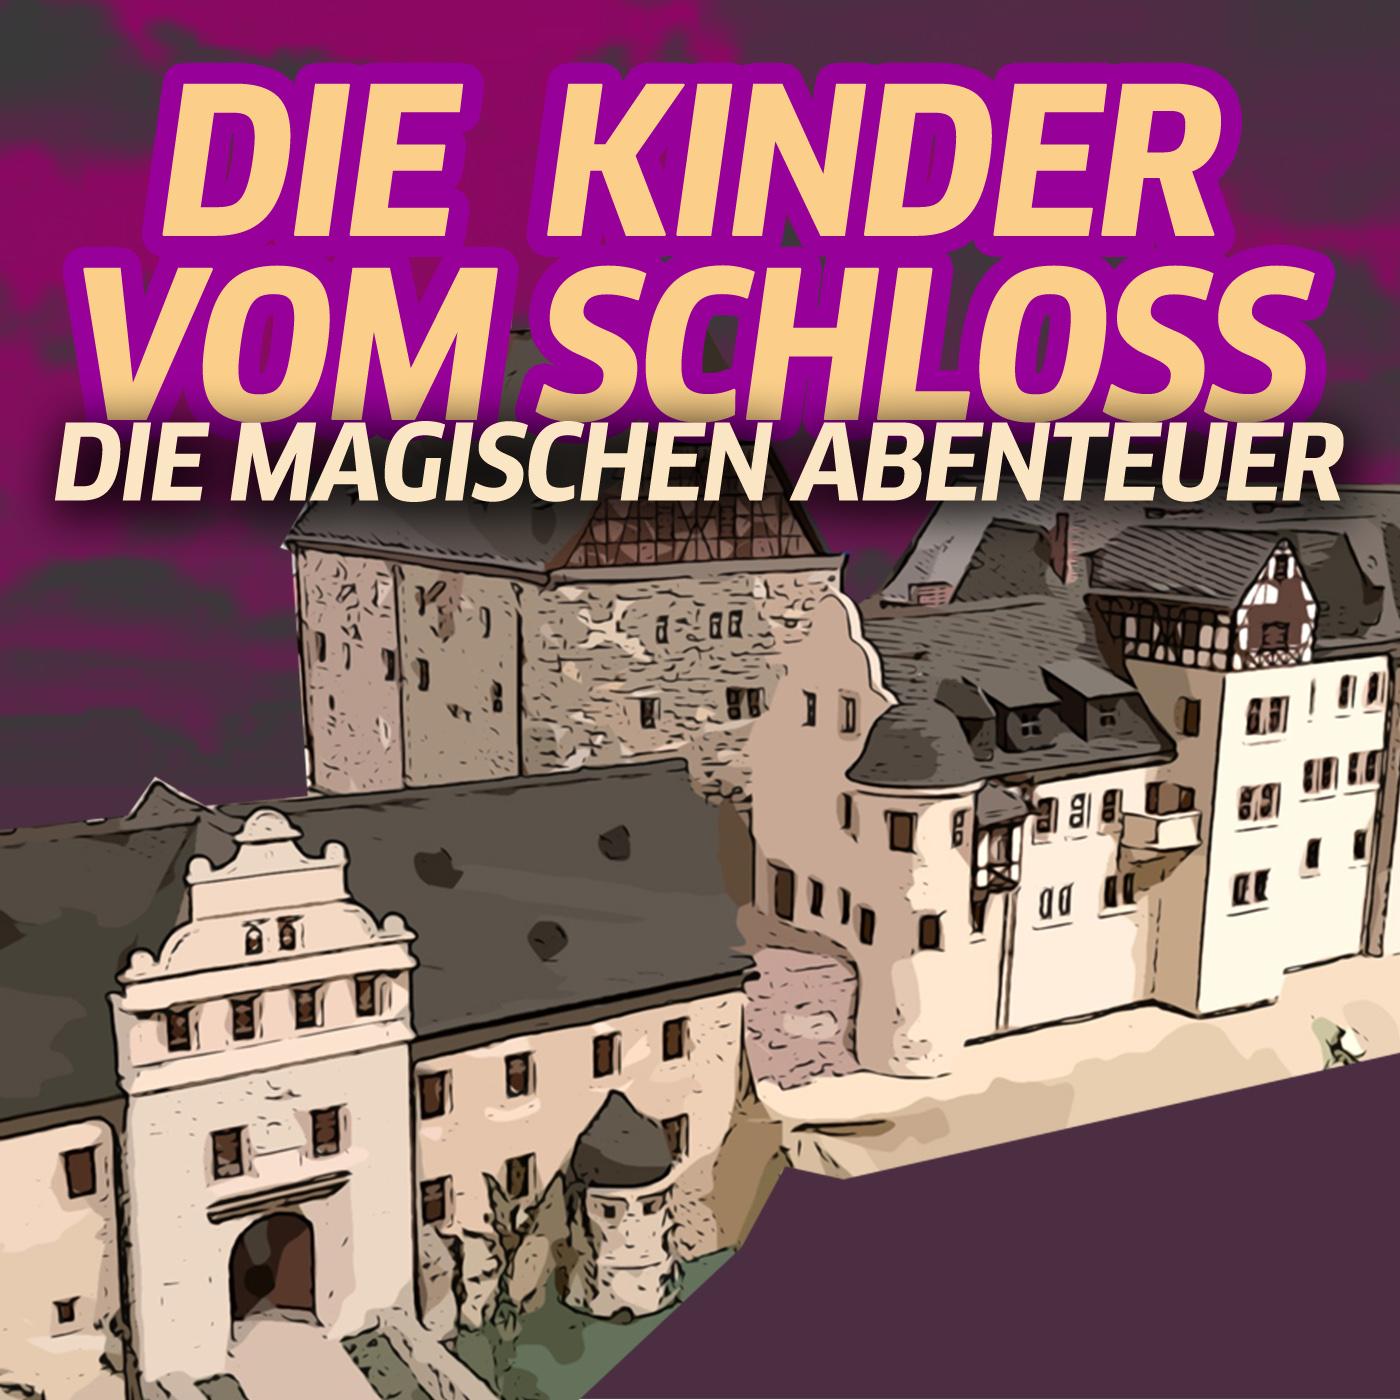 Die Kinder Vom Schloss